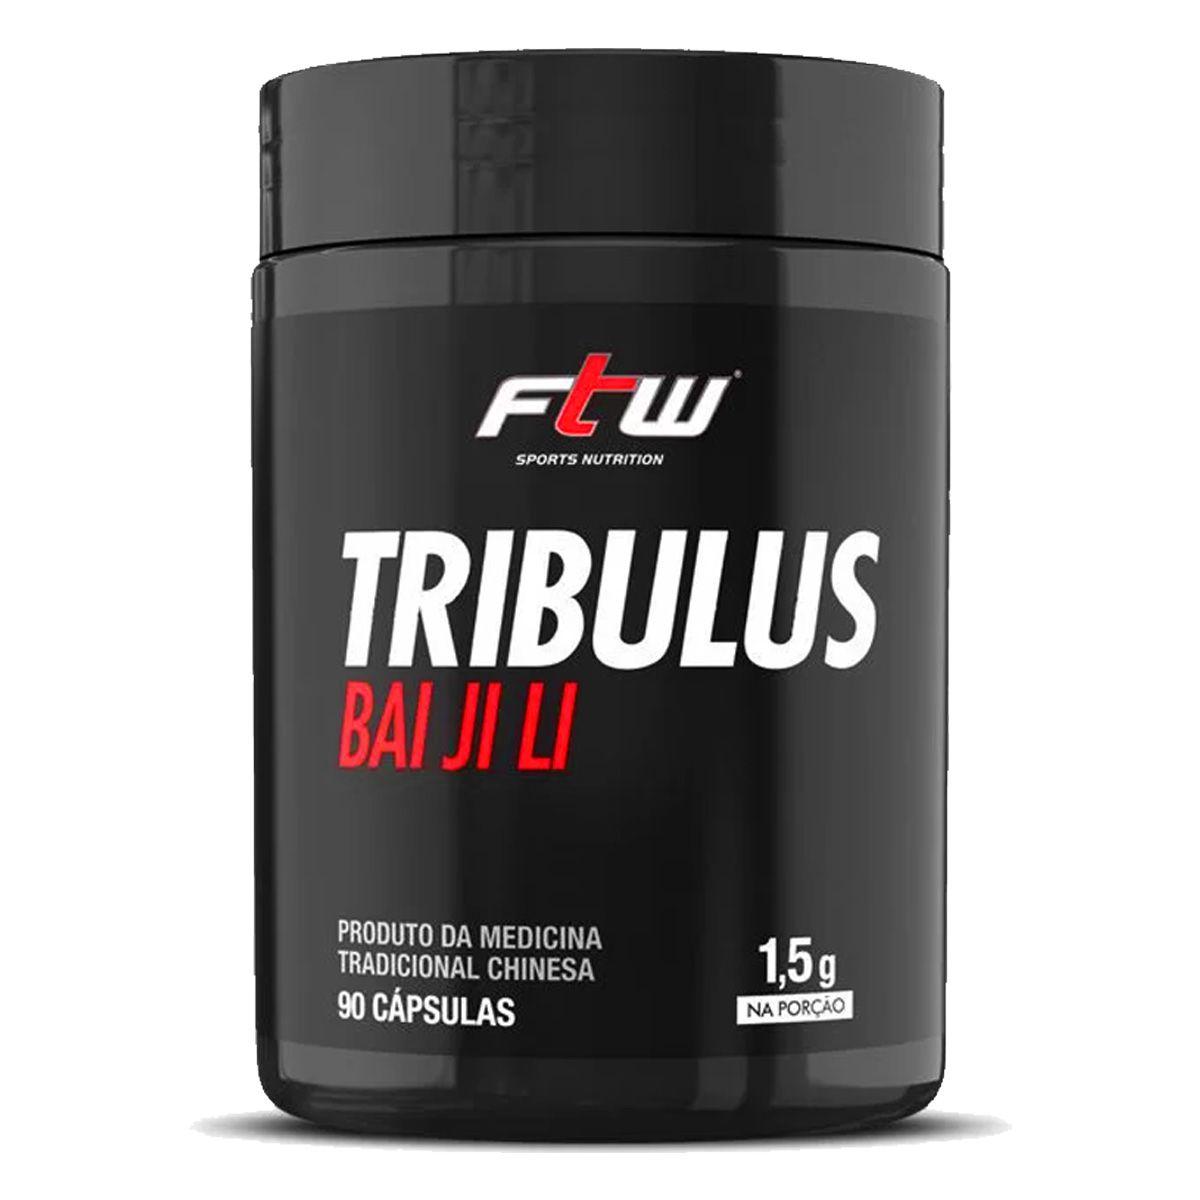 Tribulus Bai Ji Li 1,5g - 90 Cápsulas - FTW